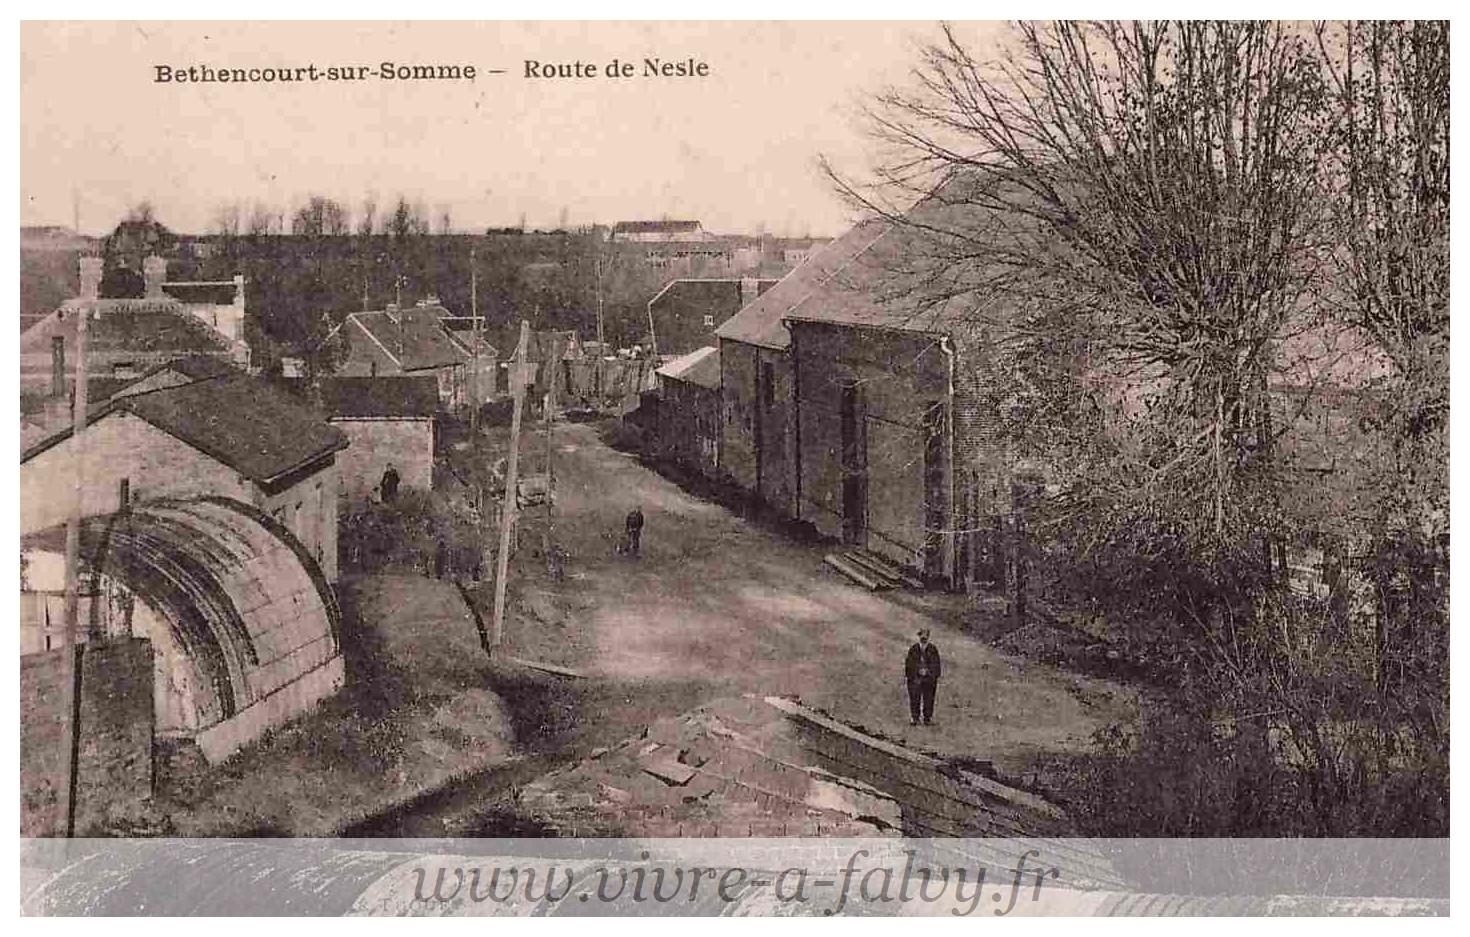 Bethencourt - Route de Nesle